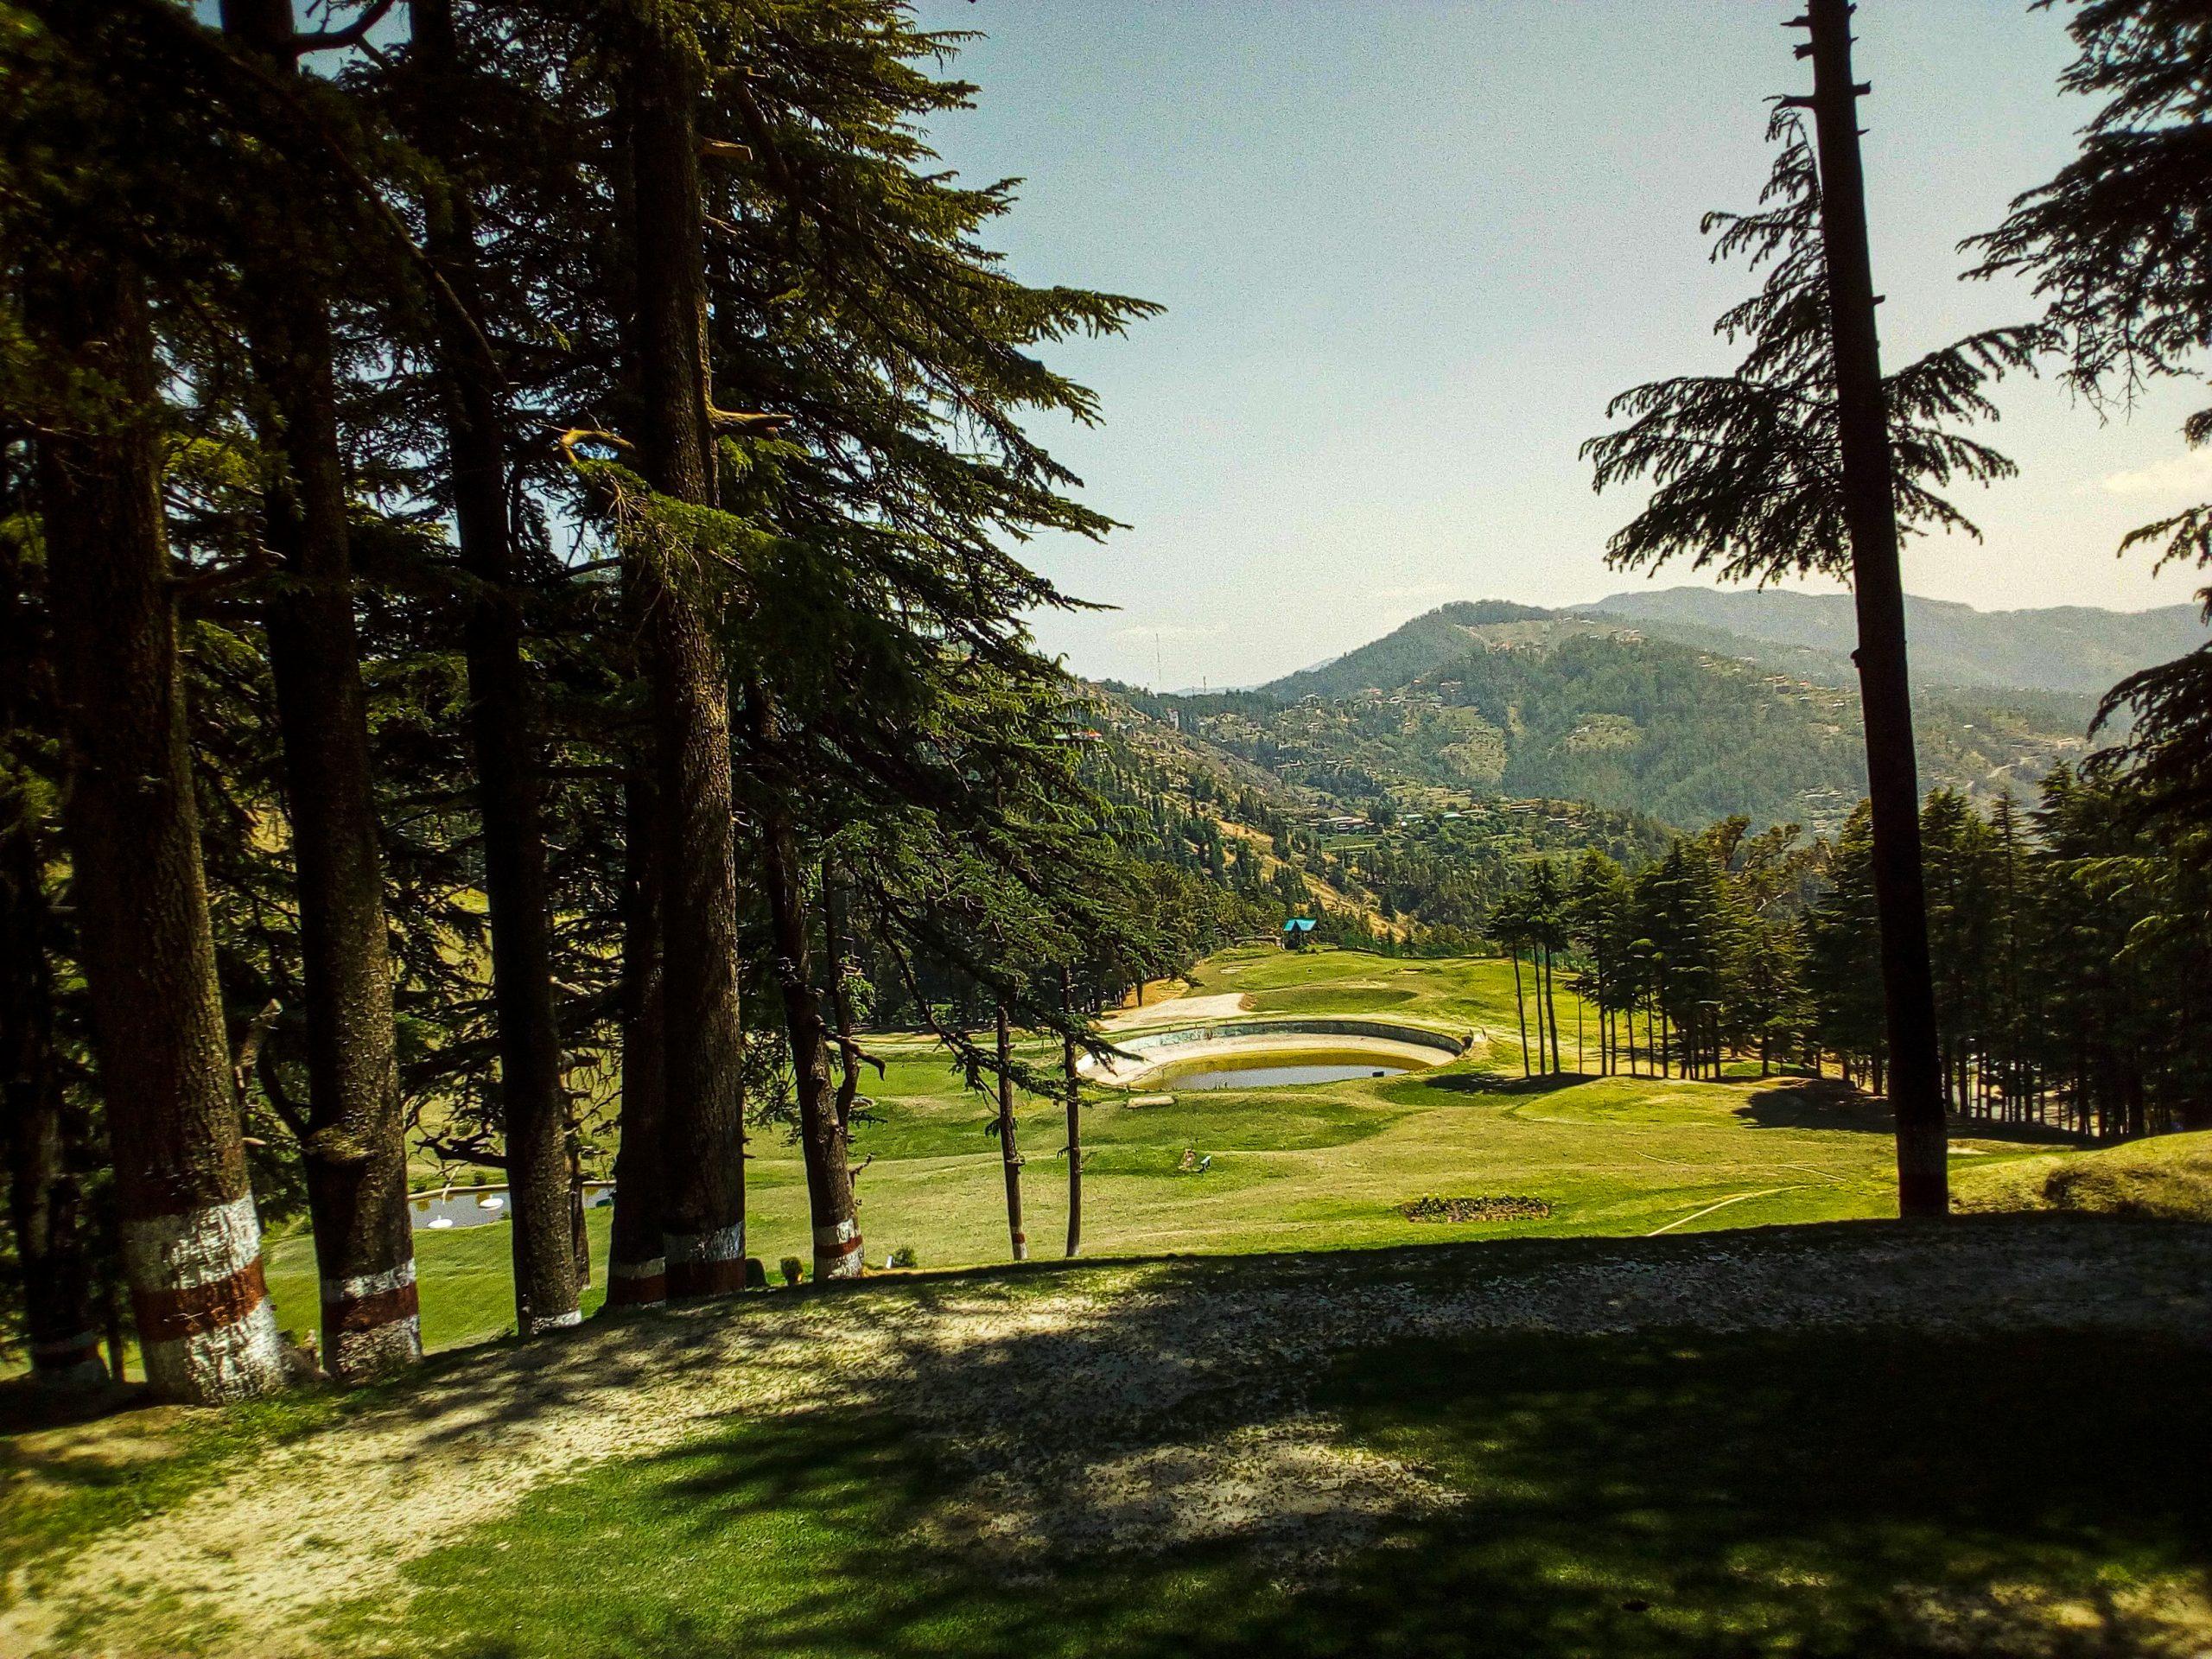 Golf club in Shimla